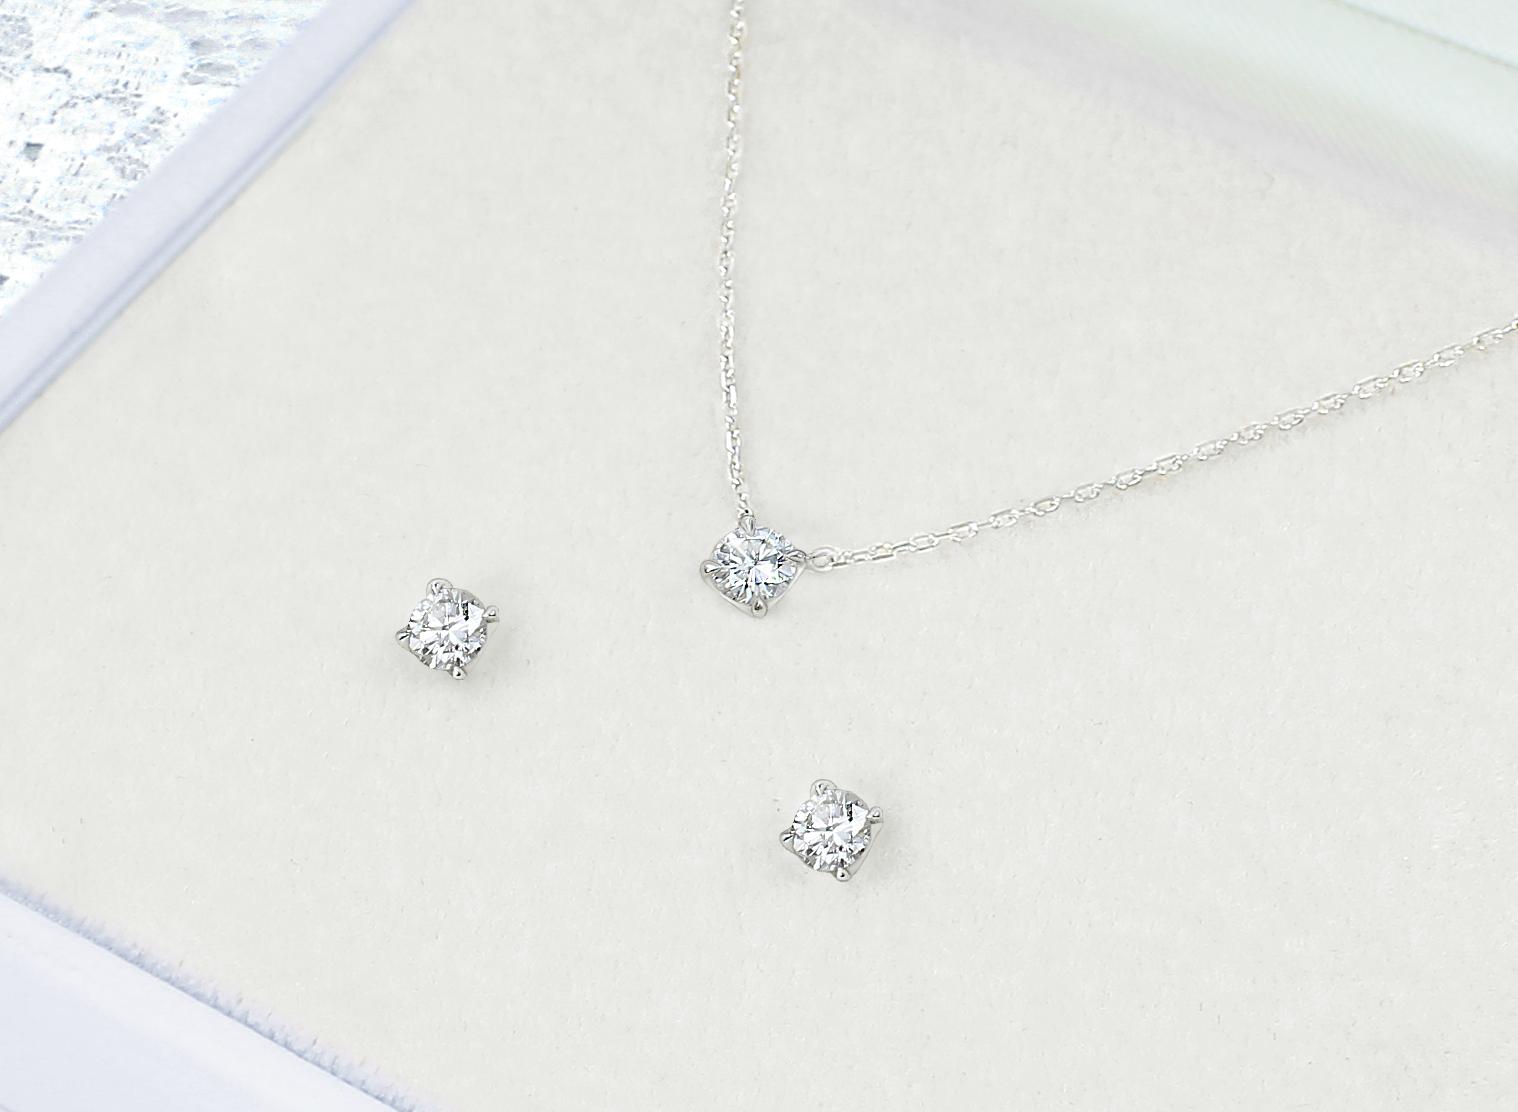 プラチナで作ったダイヤモンドプチネックレスとピアスをケースに入れた写真